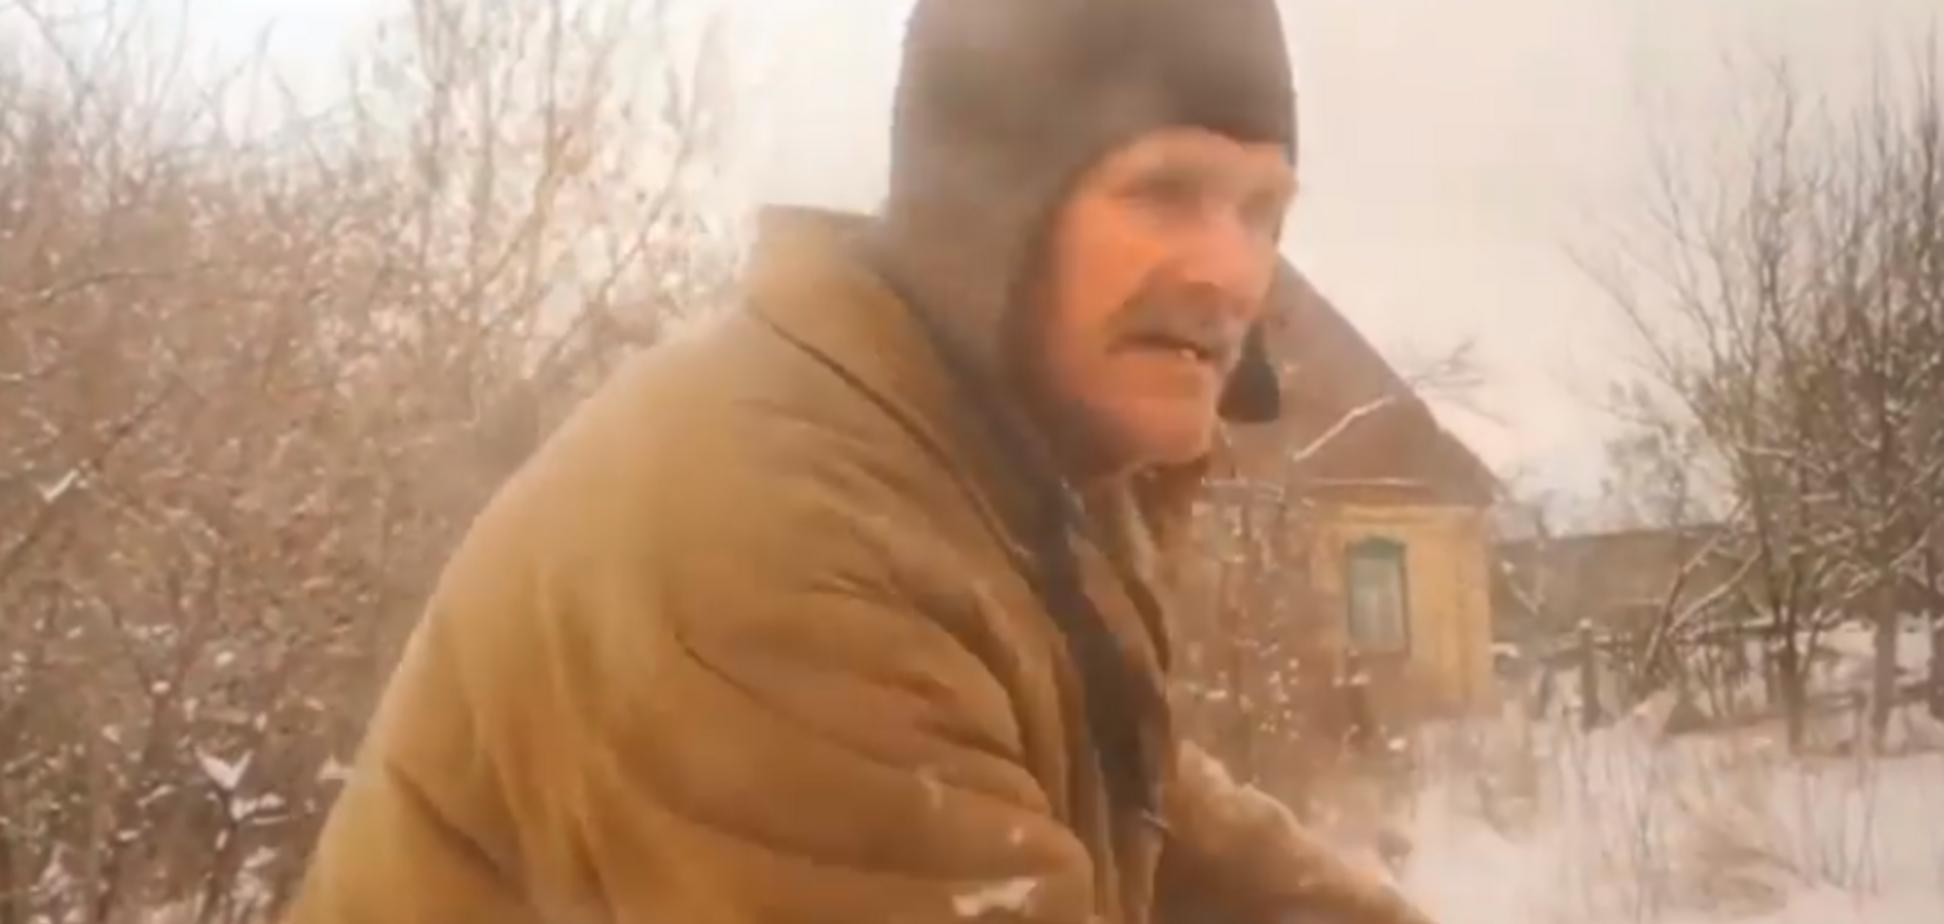 'Укропы повсюду!' Боец ВСУ в образе террориста узнал истинные настроения людей в селе на Донбассе. Видео